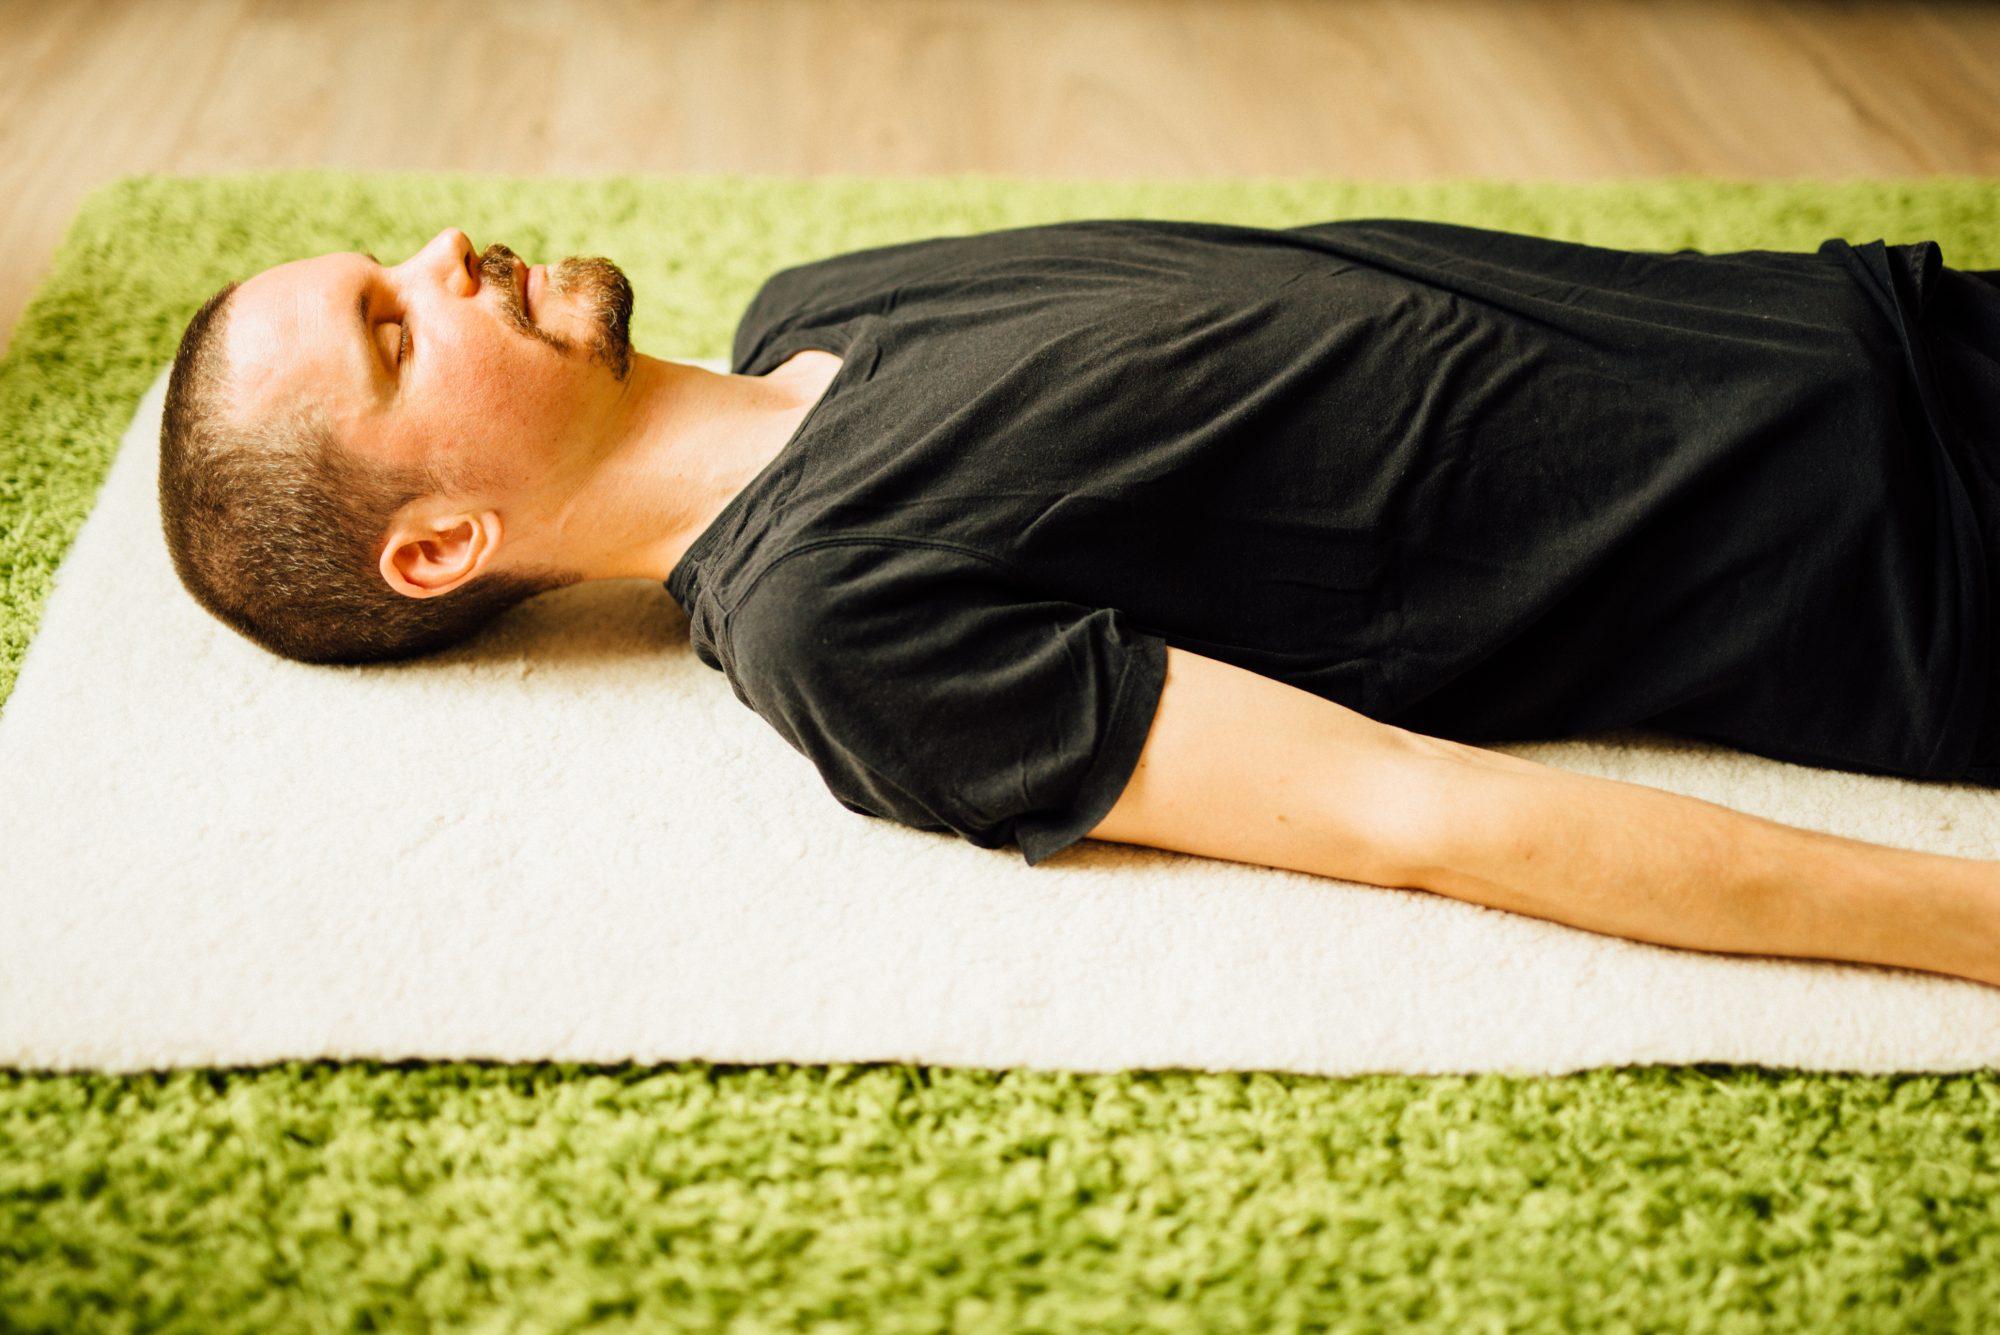 Trainer die Mindfulness in Utrecht geeft ligt ontspannen op de grond tijdens een liggende meditatie.